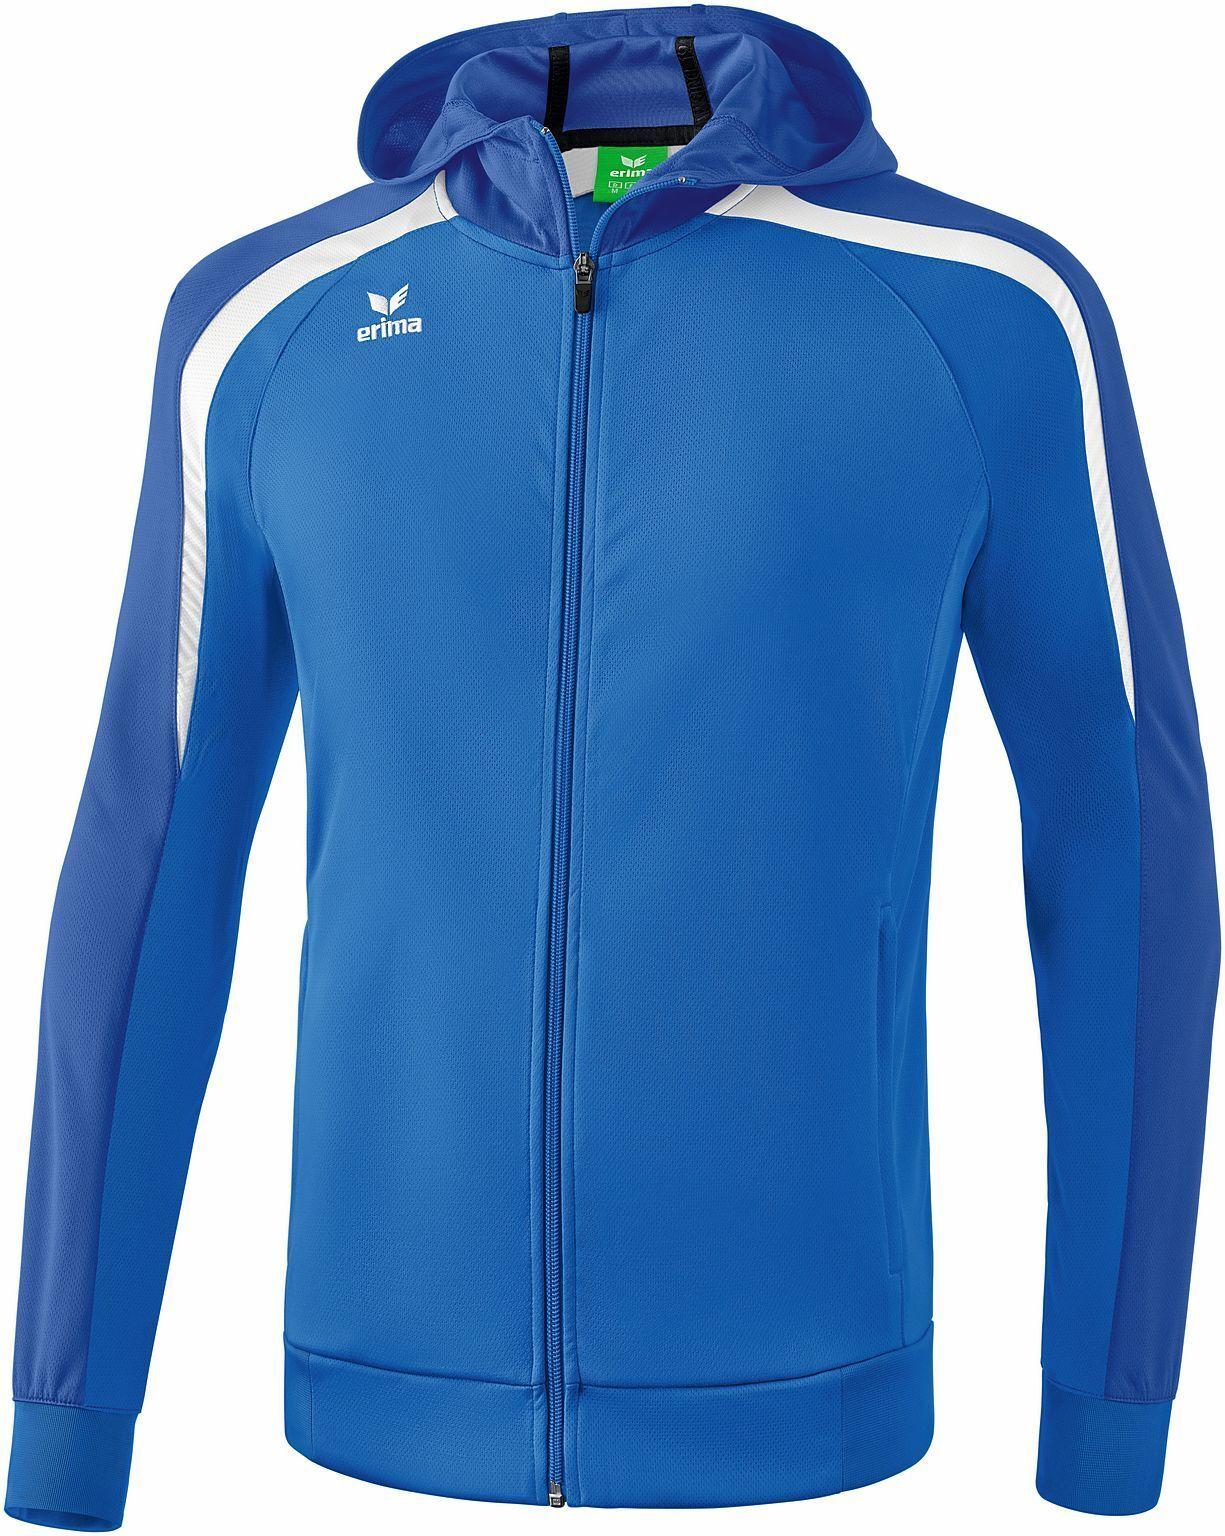 Erima Ligue Ligue Erima 2.0 Veste de survêtement à capuche blanc bleu  Hommes sport NEUF db6d20 83fb65cf791